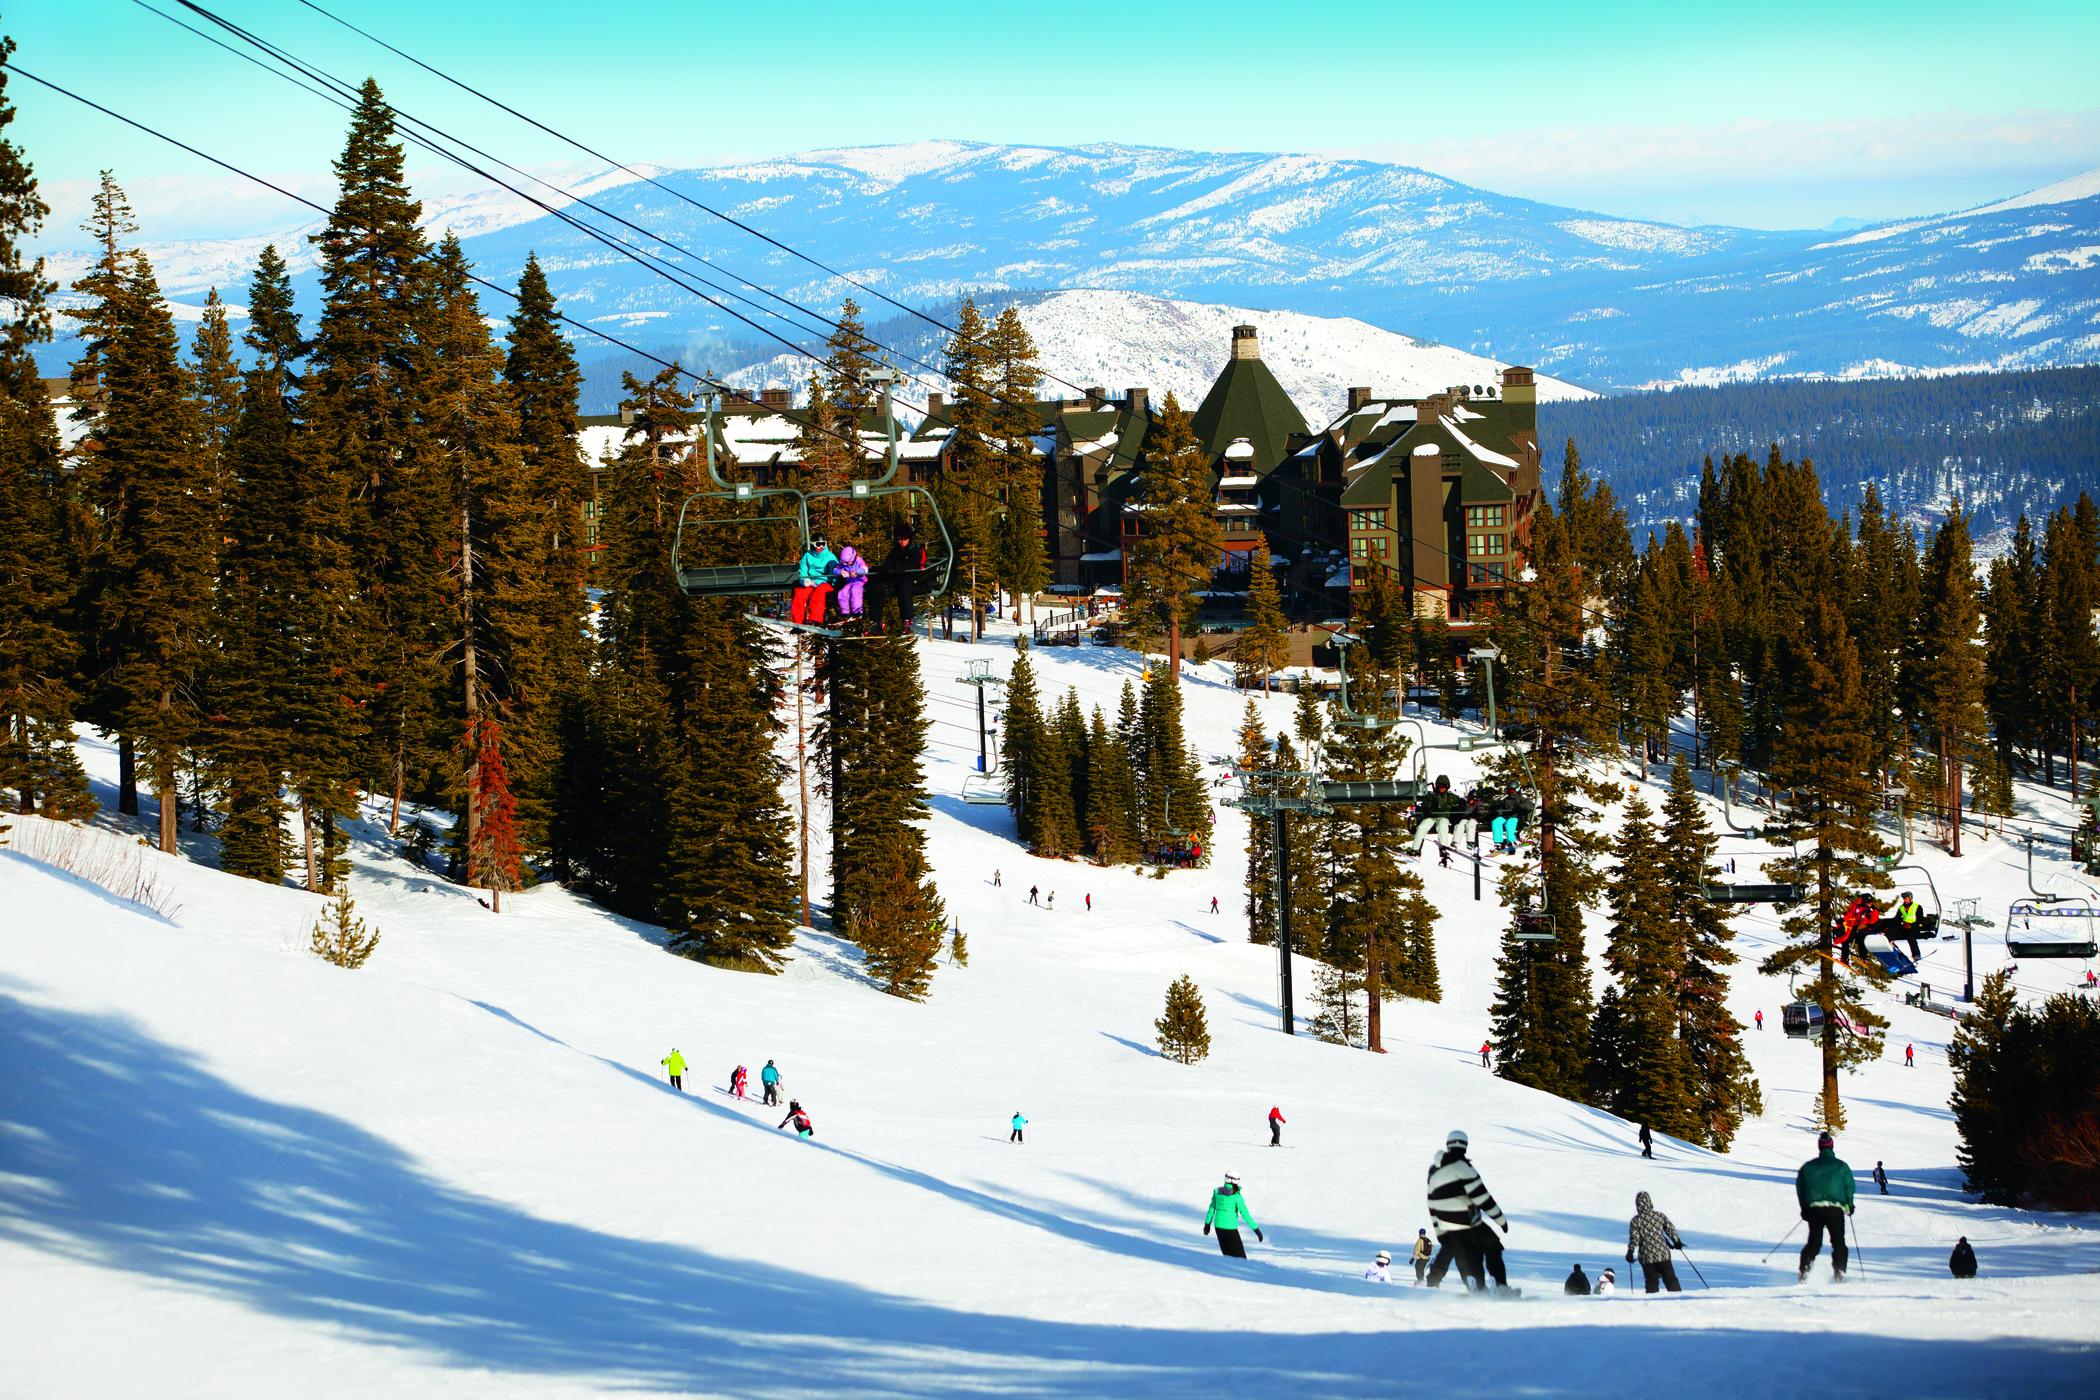 Sun, Surf, Ski - Ritz Carlton Lake Tahoe, Tatler July 2014 [ USA (Lake Tahoe) ]